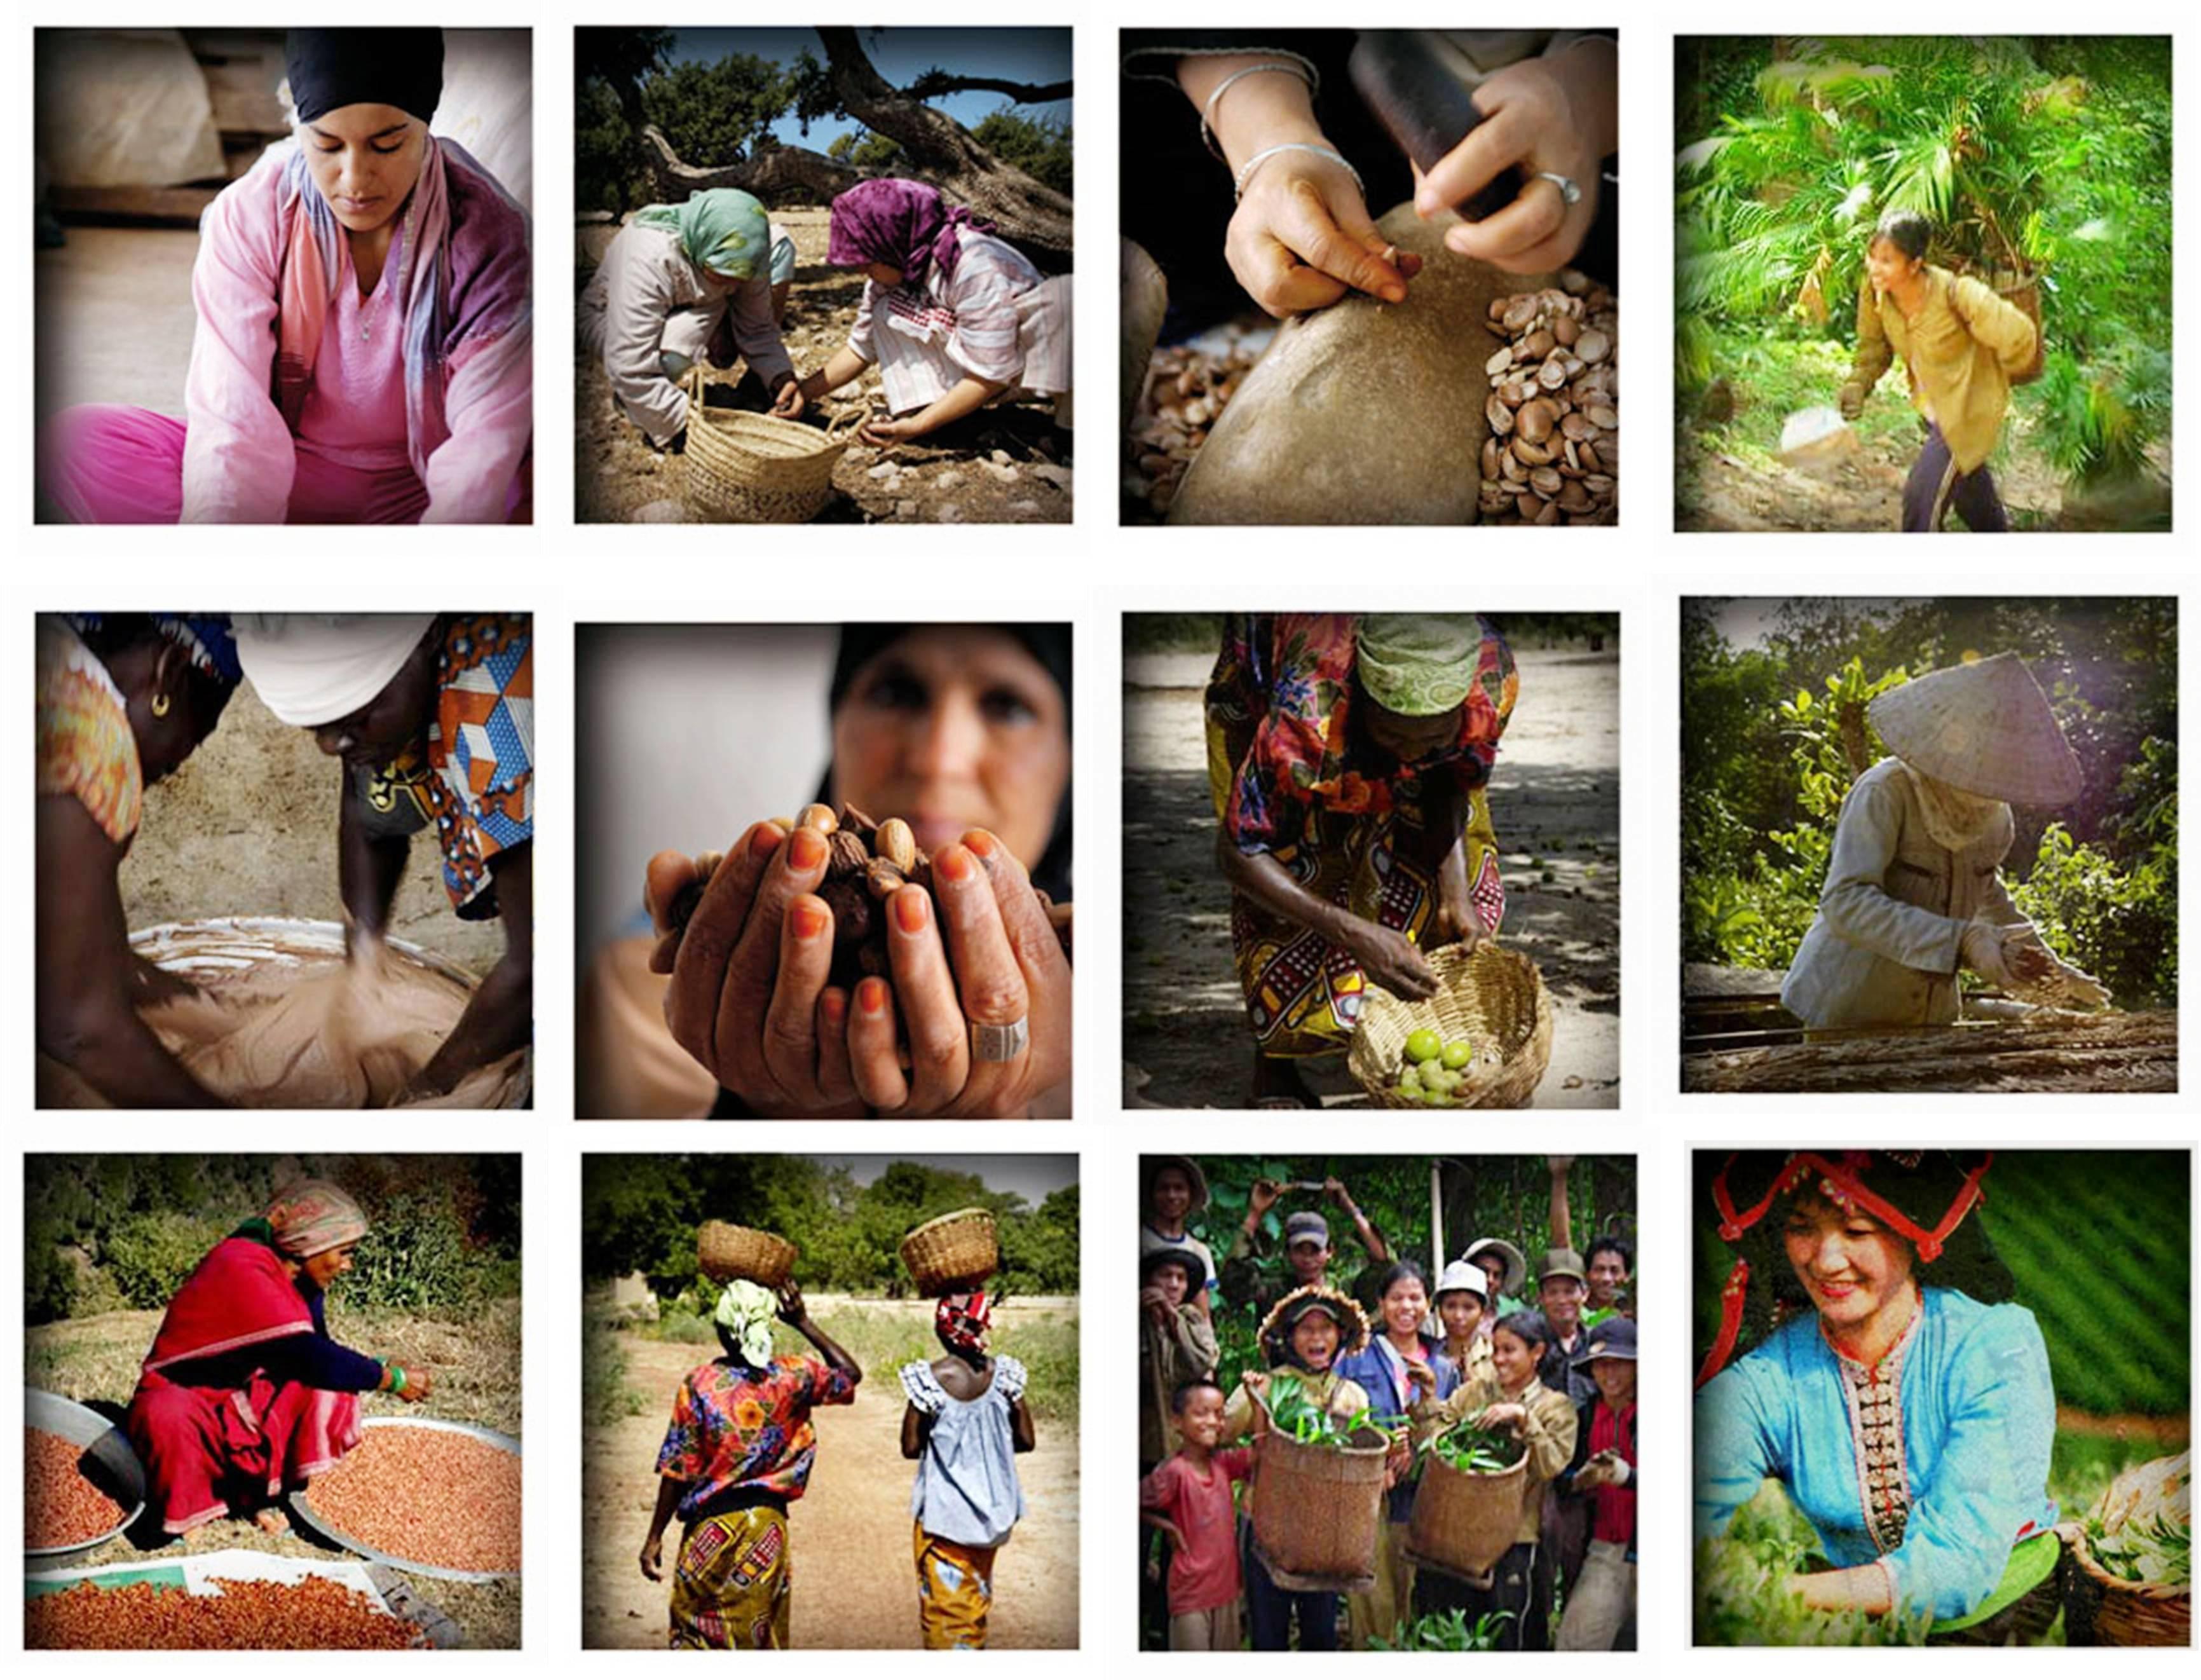 Terre d'Oc gir kvinner muligheter